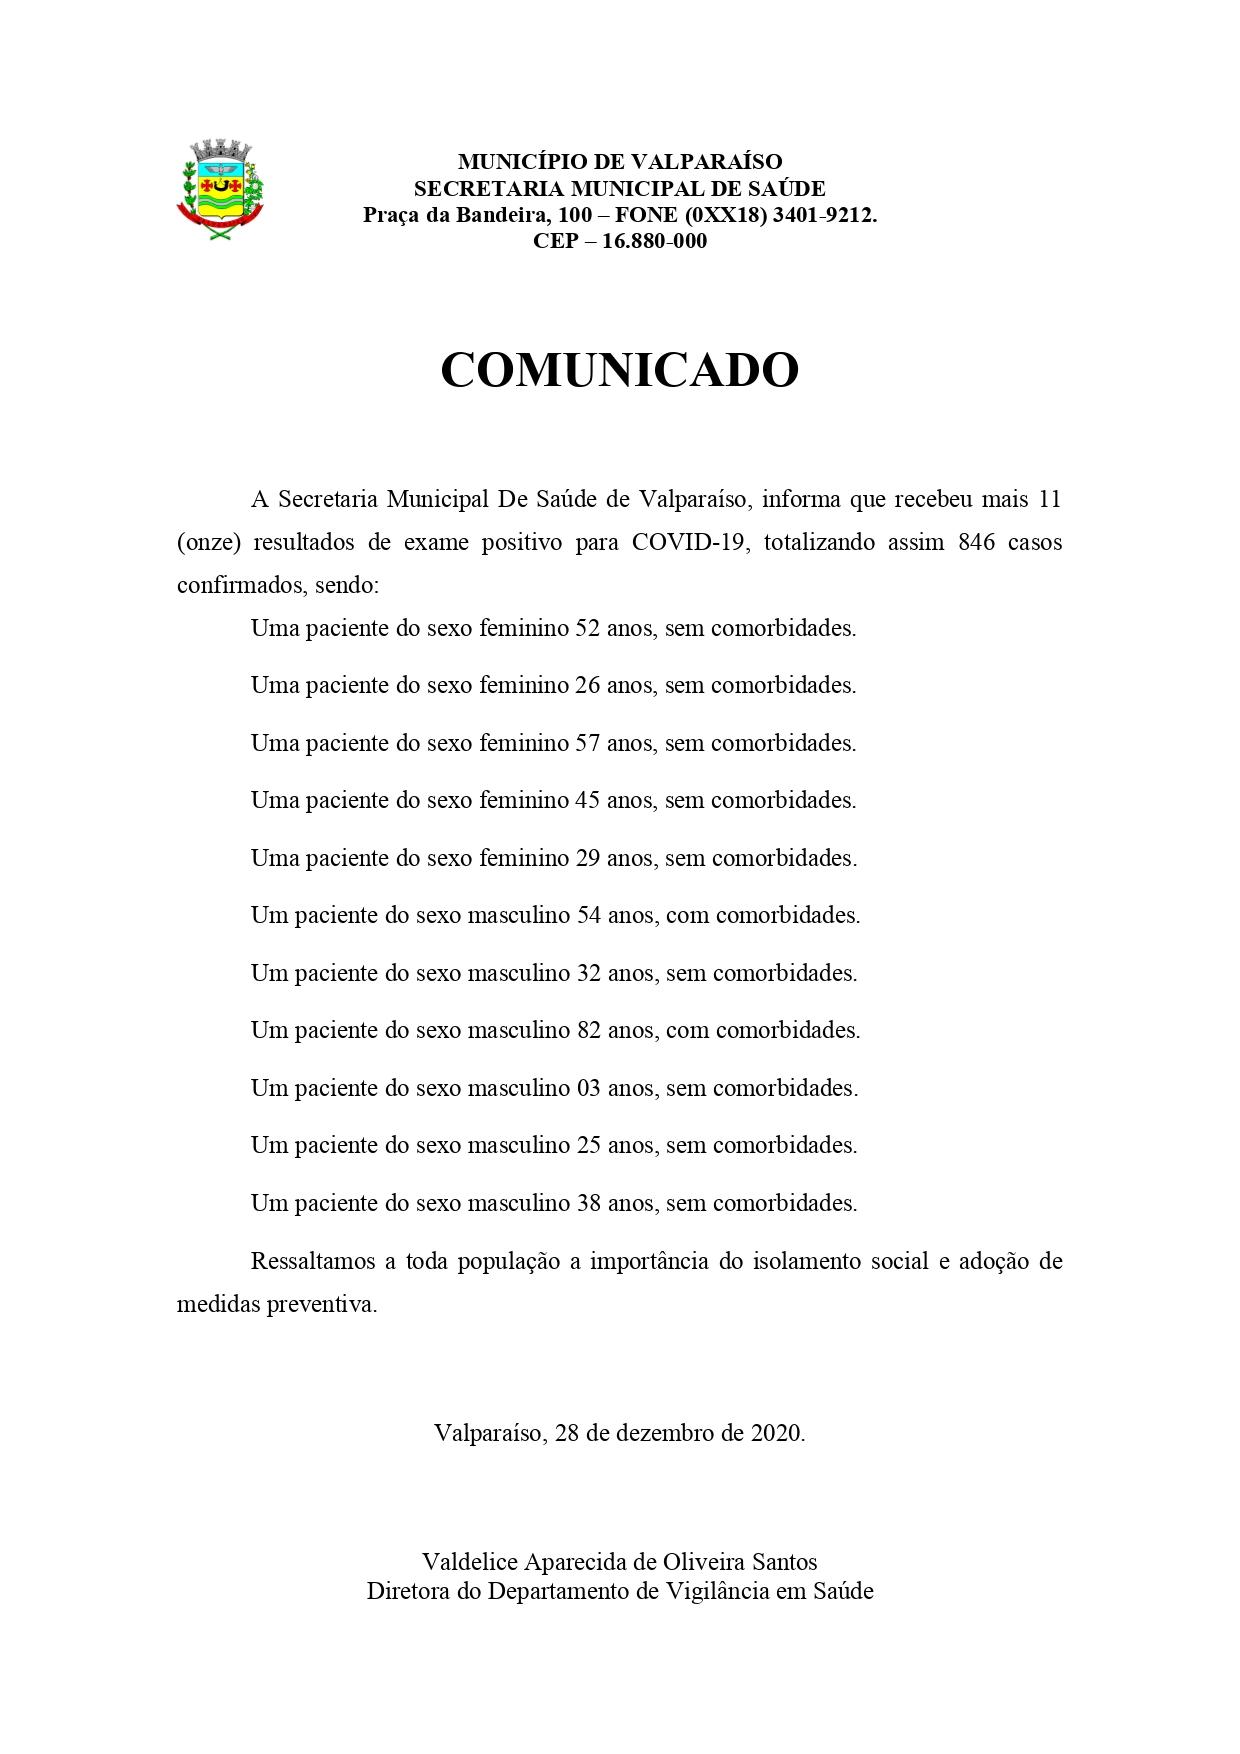 covid846